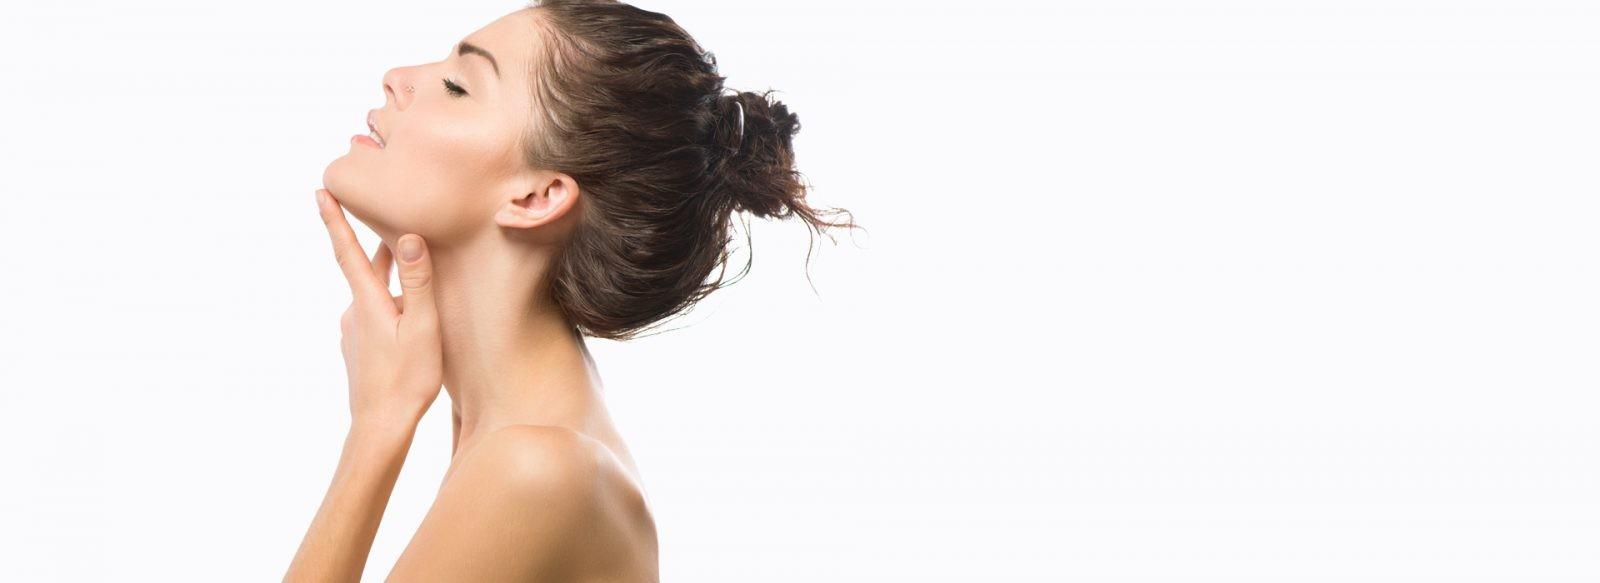 ניתוחי מיני מתיחת פנים בשיטת תלת מימד דר' רובינפור